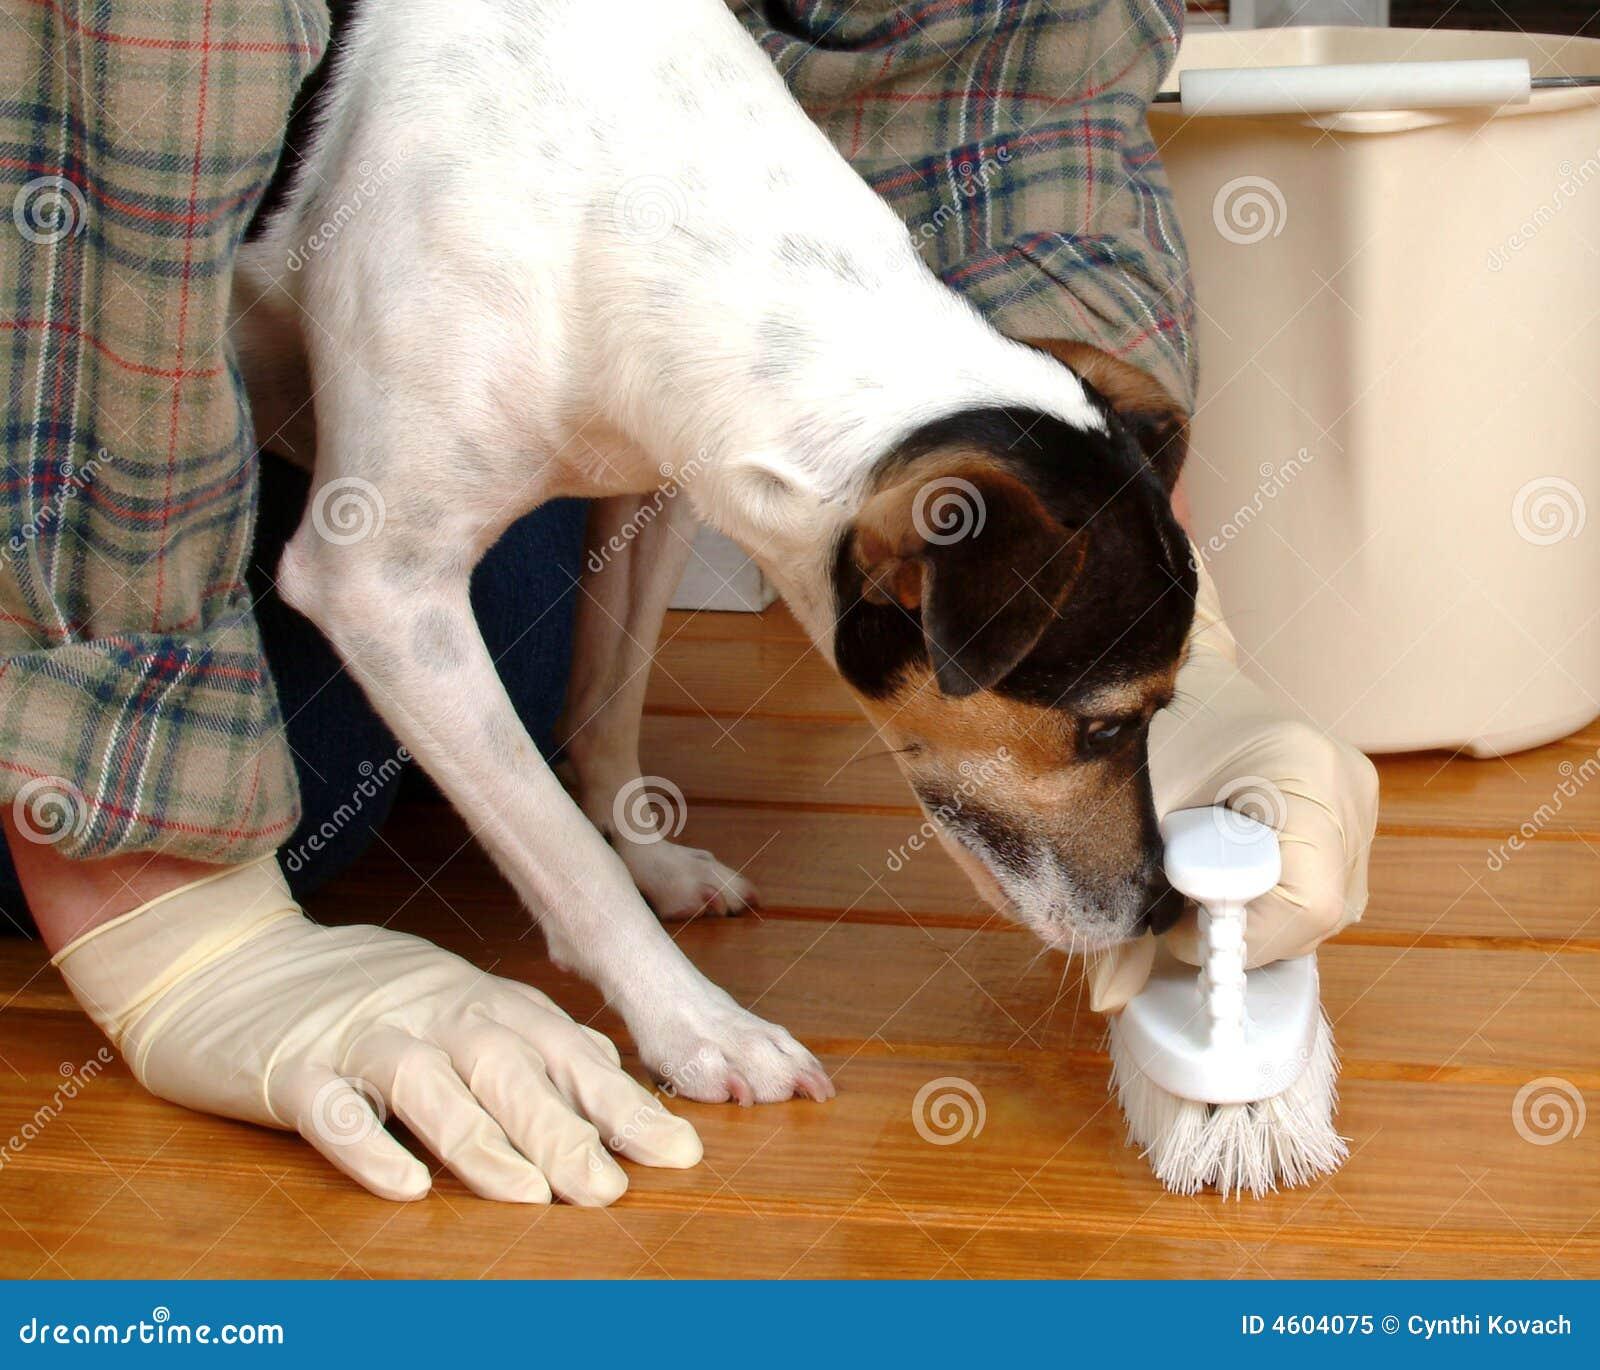 Floor Washer Helper